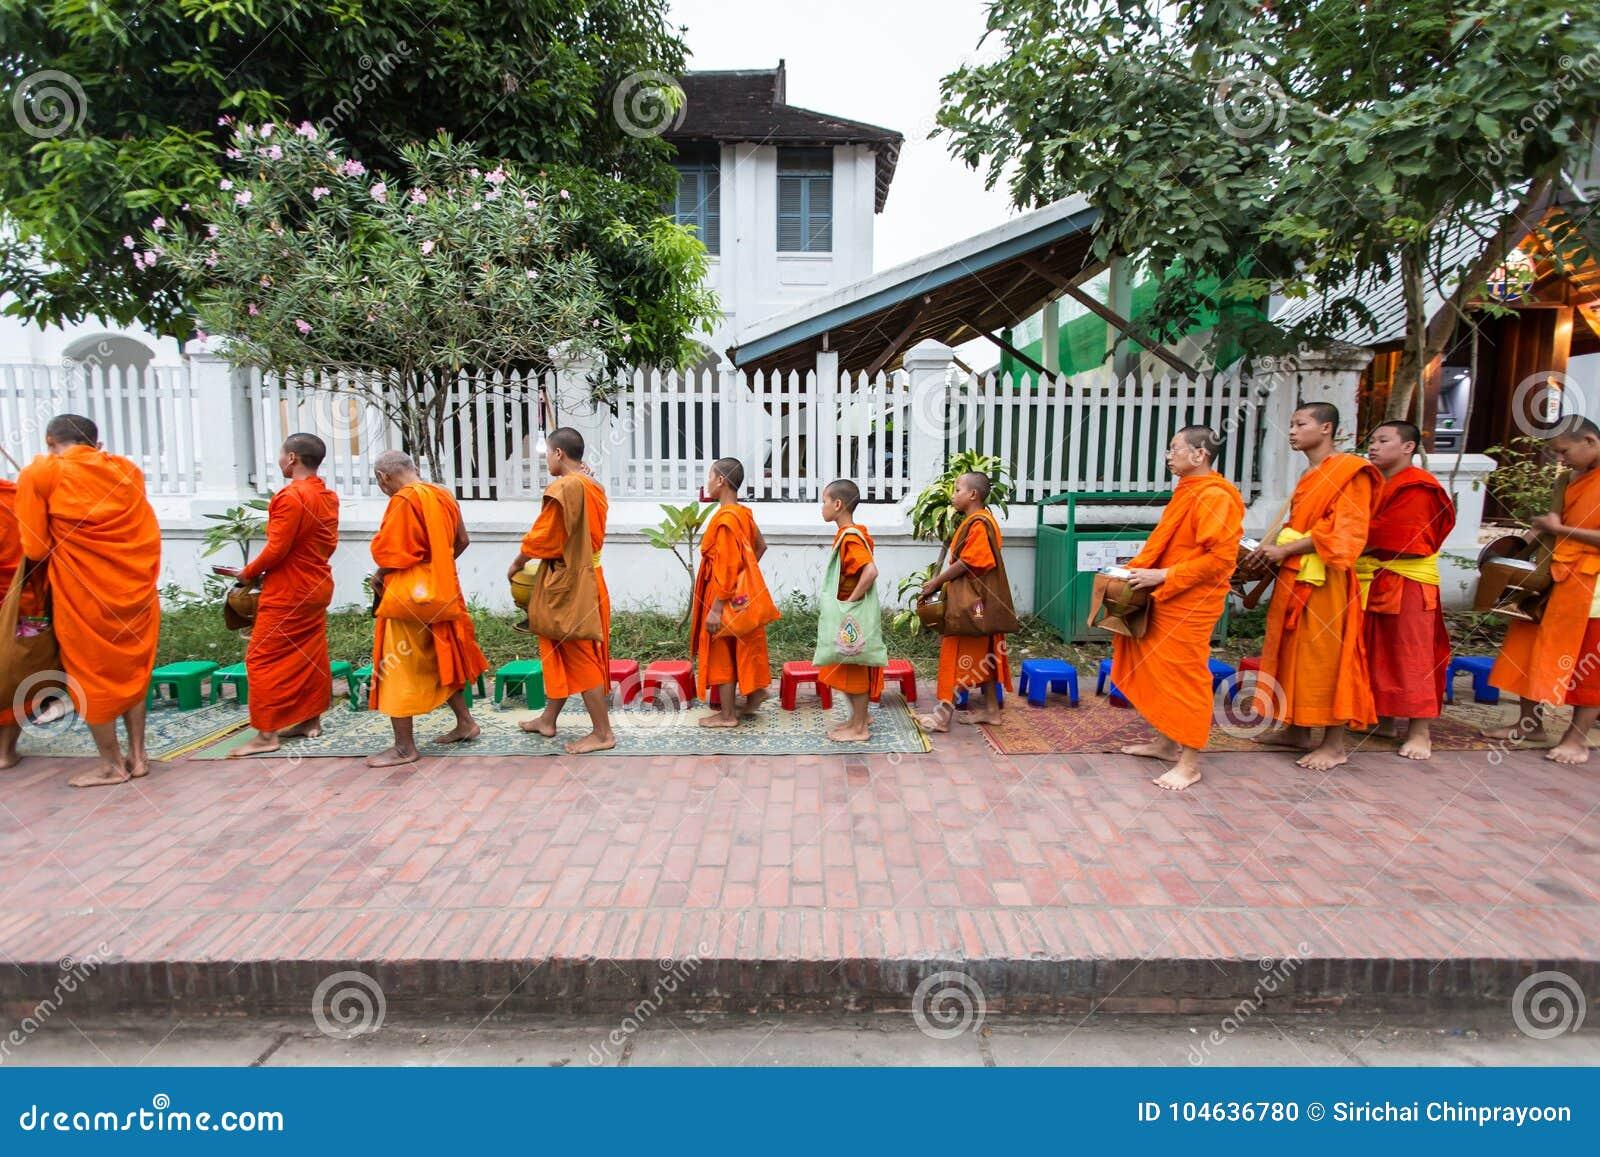 Download Luang Prabang, Laos - November 10, 2017: Boeddhistische Monniken In Luang Redactionele Afbeelding - Afbeelding bestaande uit monniken, straat: 104636780